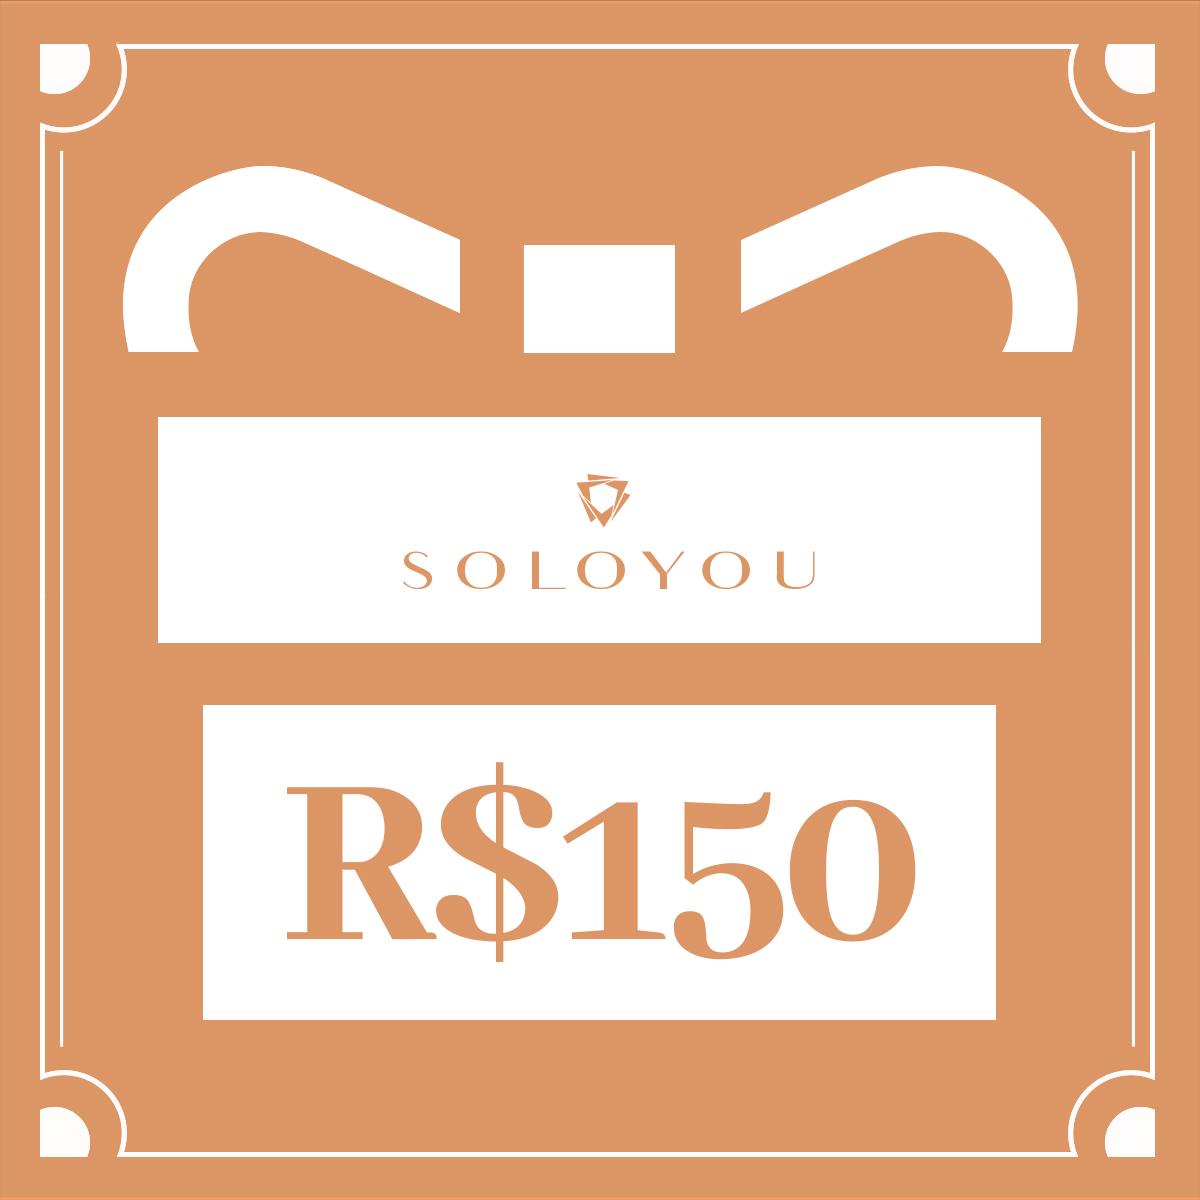 Cartão Presente Surpreenda com Soloyou - R$ 150  - Soloyou